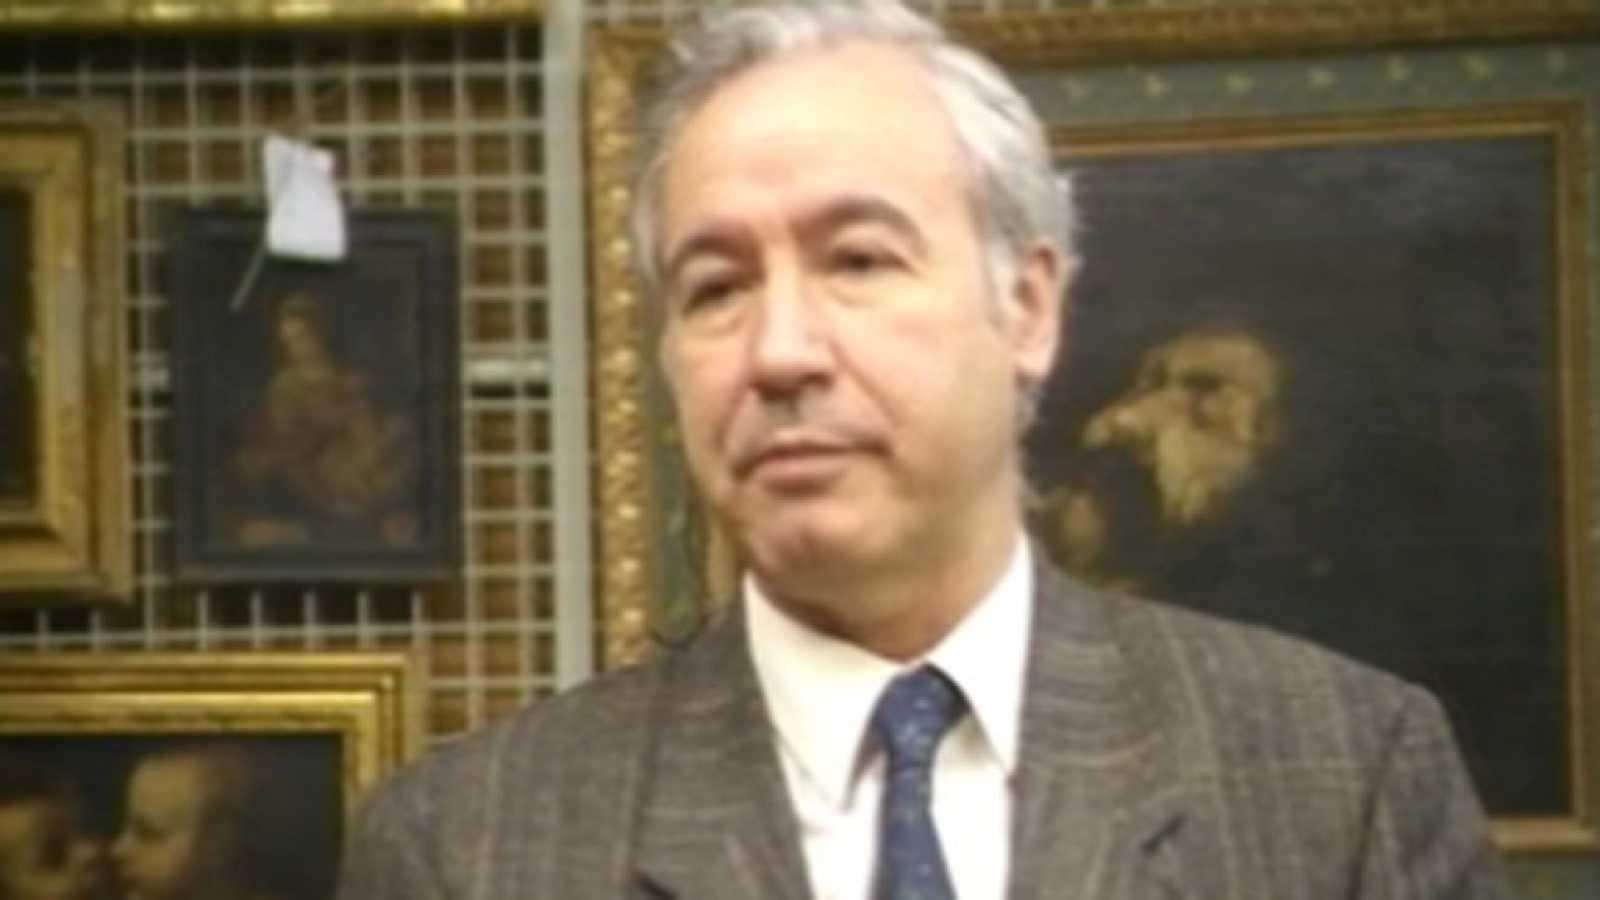 Entrevista al director del Museo del Prado en 'El día por delante' (1989)